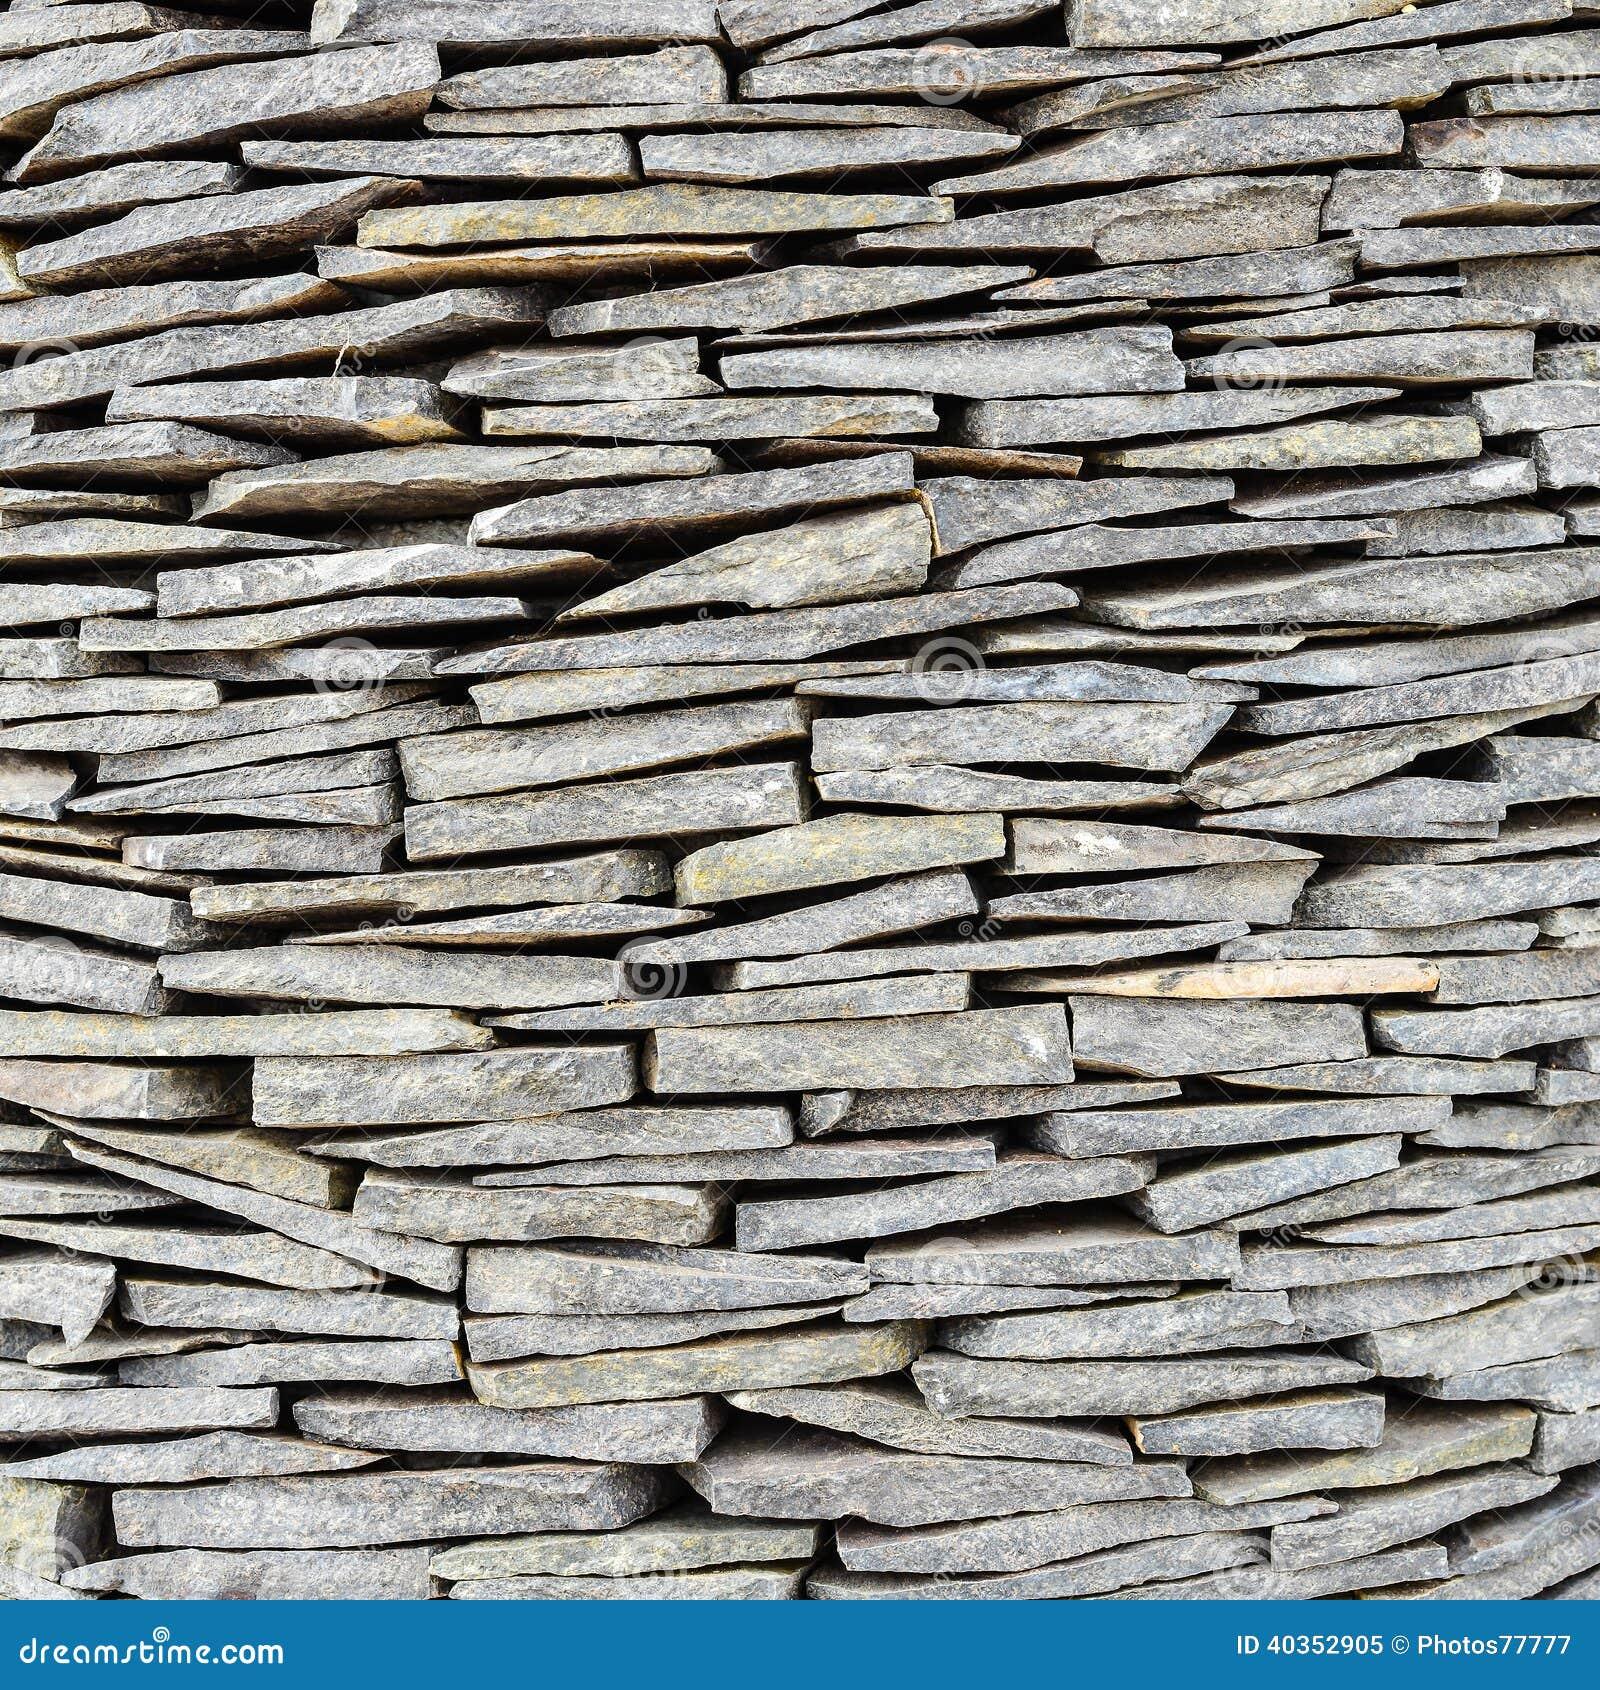 la texture du mur en pierre d 39 ardoise image stock image. Black Bedroom Furniture Sets. Home Design Ideas